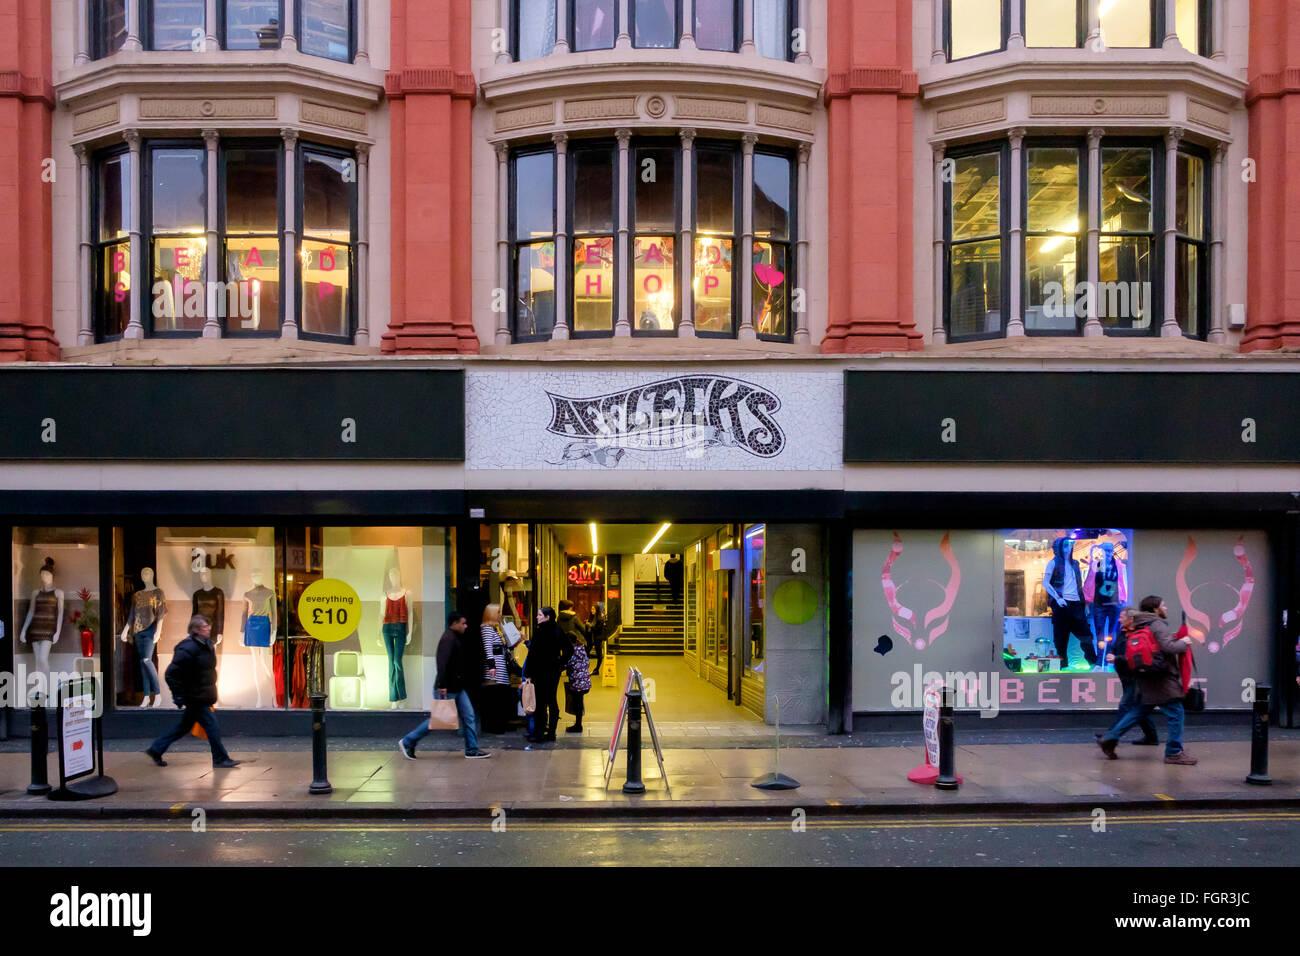 Manchester, UK - 17. Februar 2016: Afflecks ist eine alternative Kaufhaus, eine Markthalle Stände und kleine Stockbild